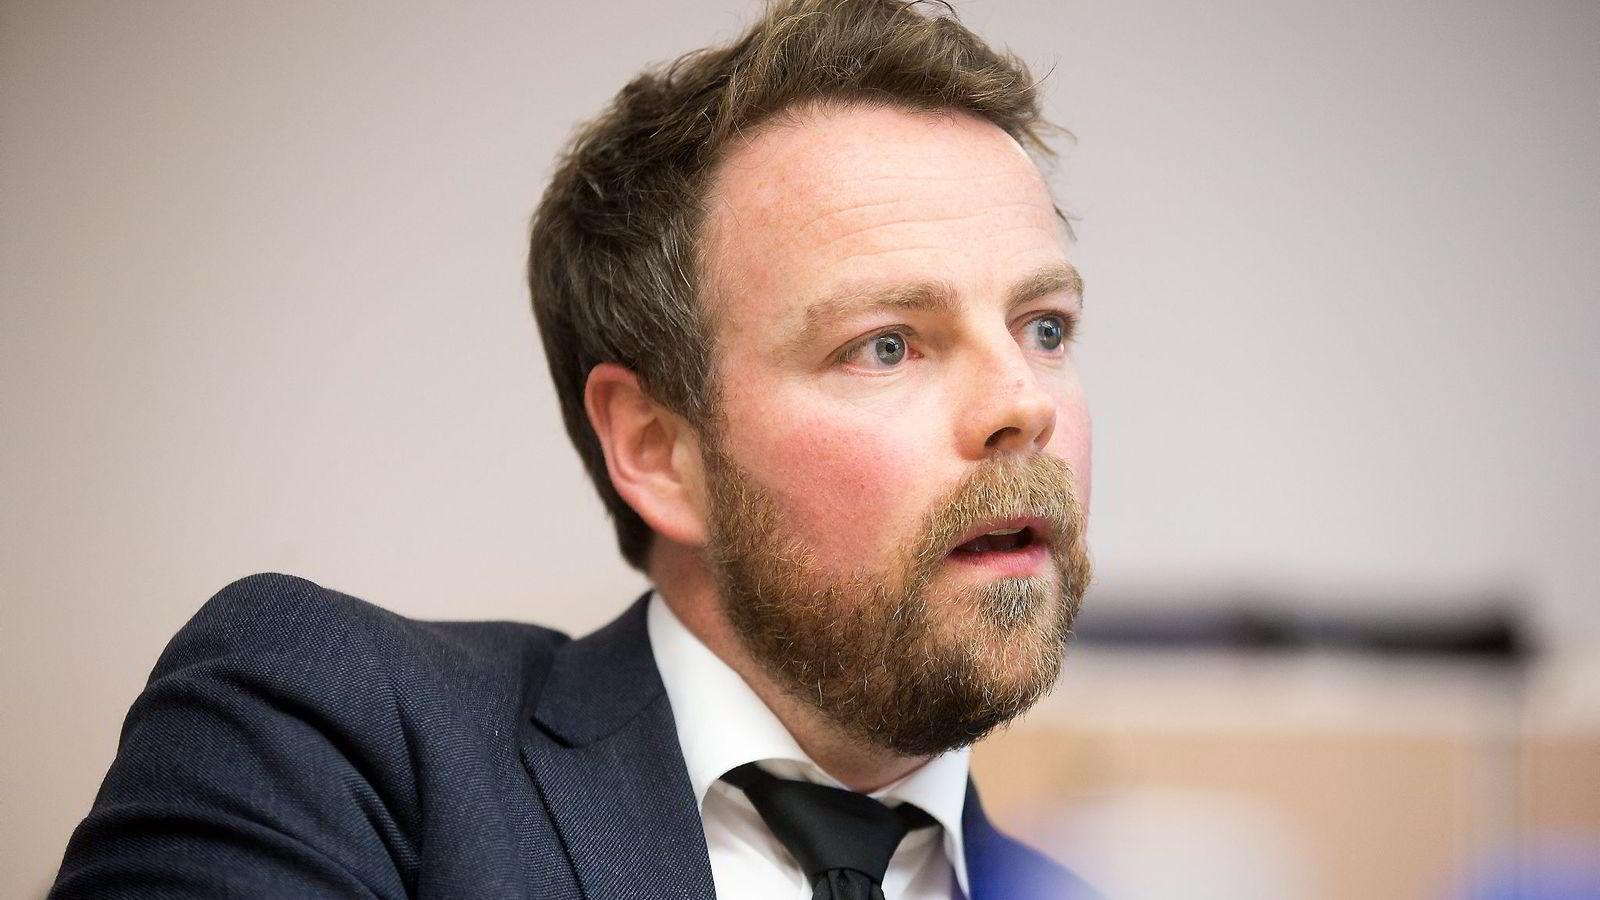 Kunnskapsdepartementet måtte svare på mange skriftlige spørsmål fra kontrollkomiteen om oppfølgingen av privatskolen Westerdals før jul. Nå må kunnskapsminister Torbjørn Røe Isaksen møte i høring på Stortinget om saken.